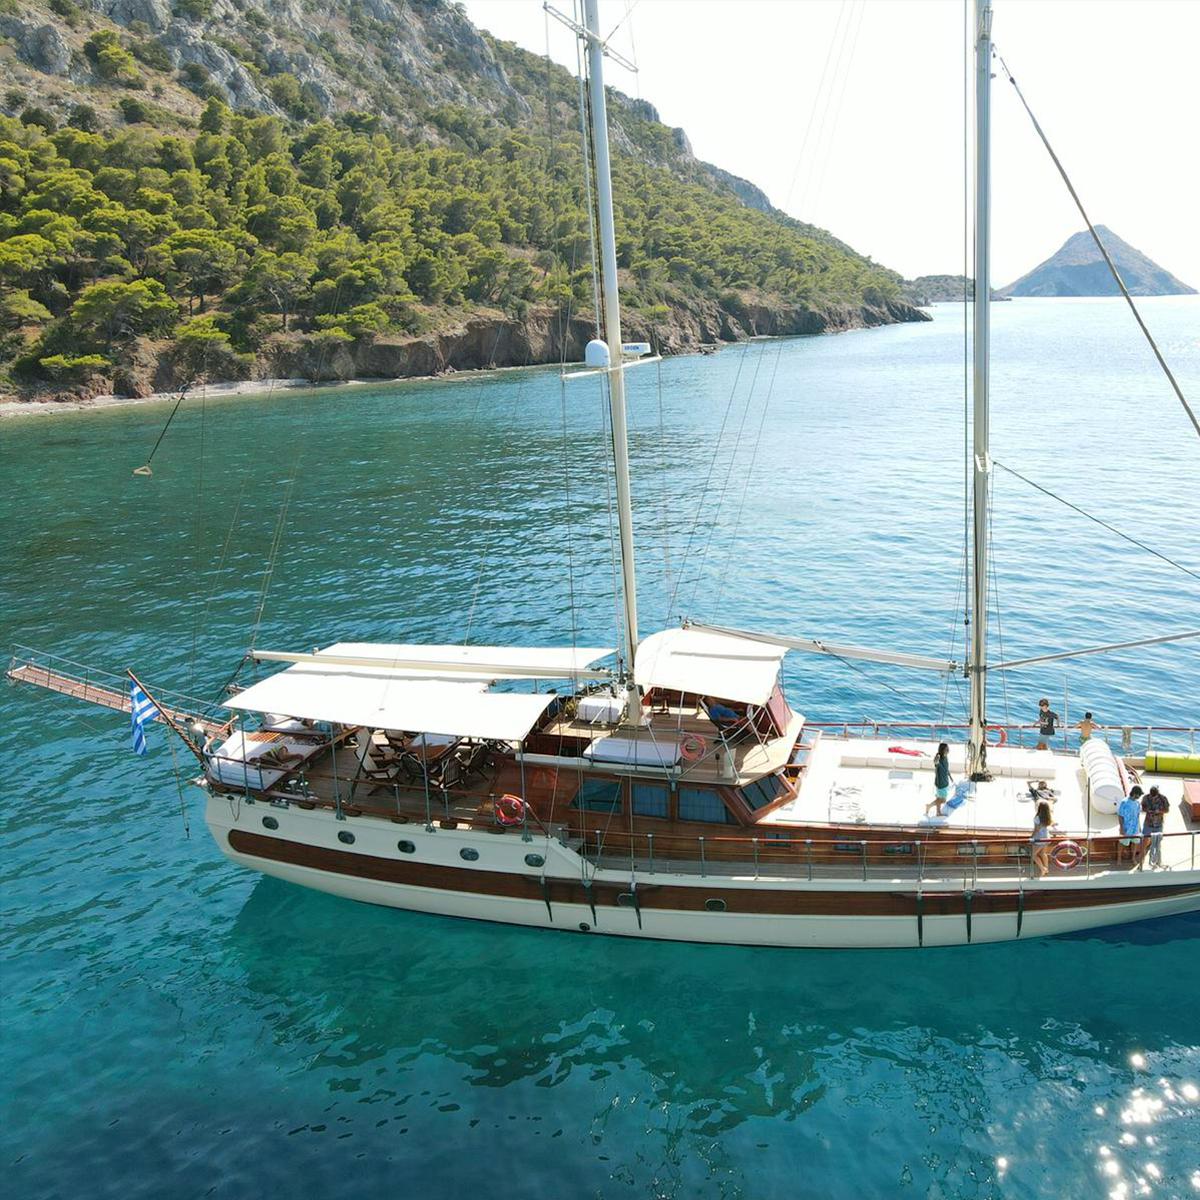 Inspiring Soho - Grecia - Recorrer las islas griegas en goleta